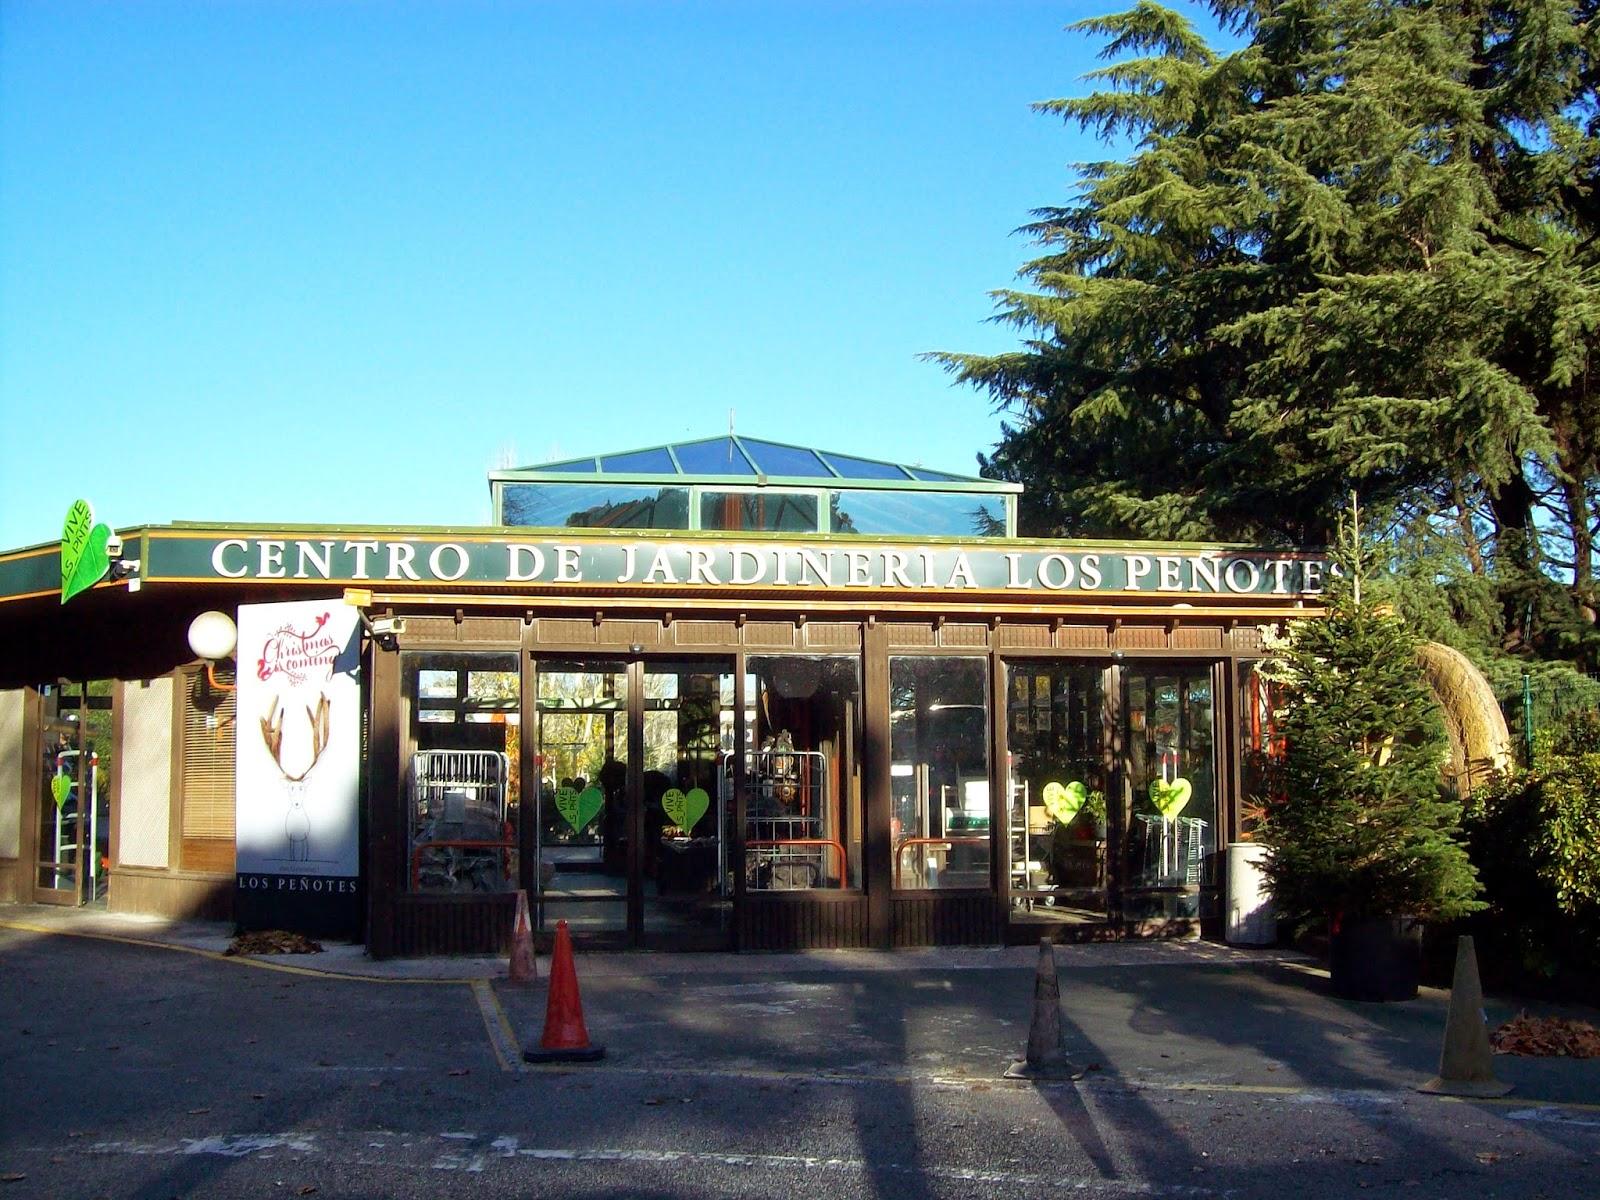 Letras de interior visita a garden center los pe otes - Garden center madrid ...